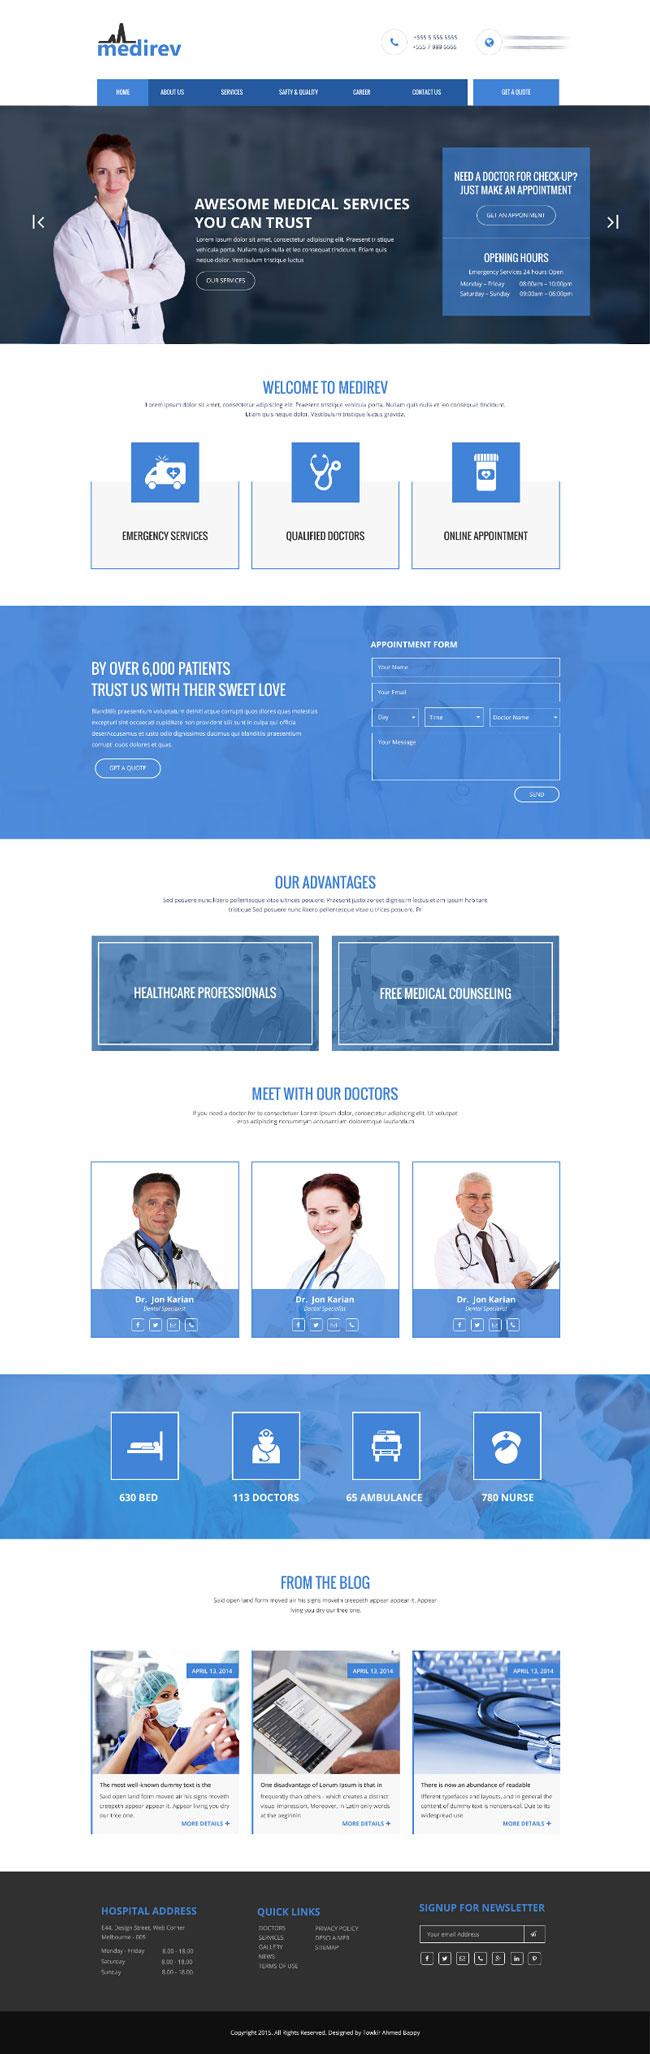 p407 - طرح آماده وب سایت تک صفحه ای پزشکی بیمارستانی بسیار زیبا